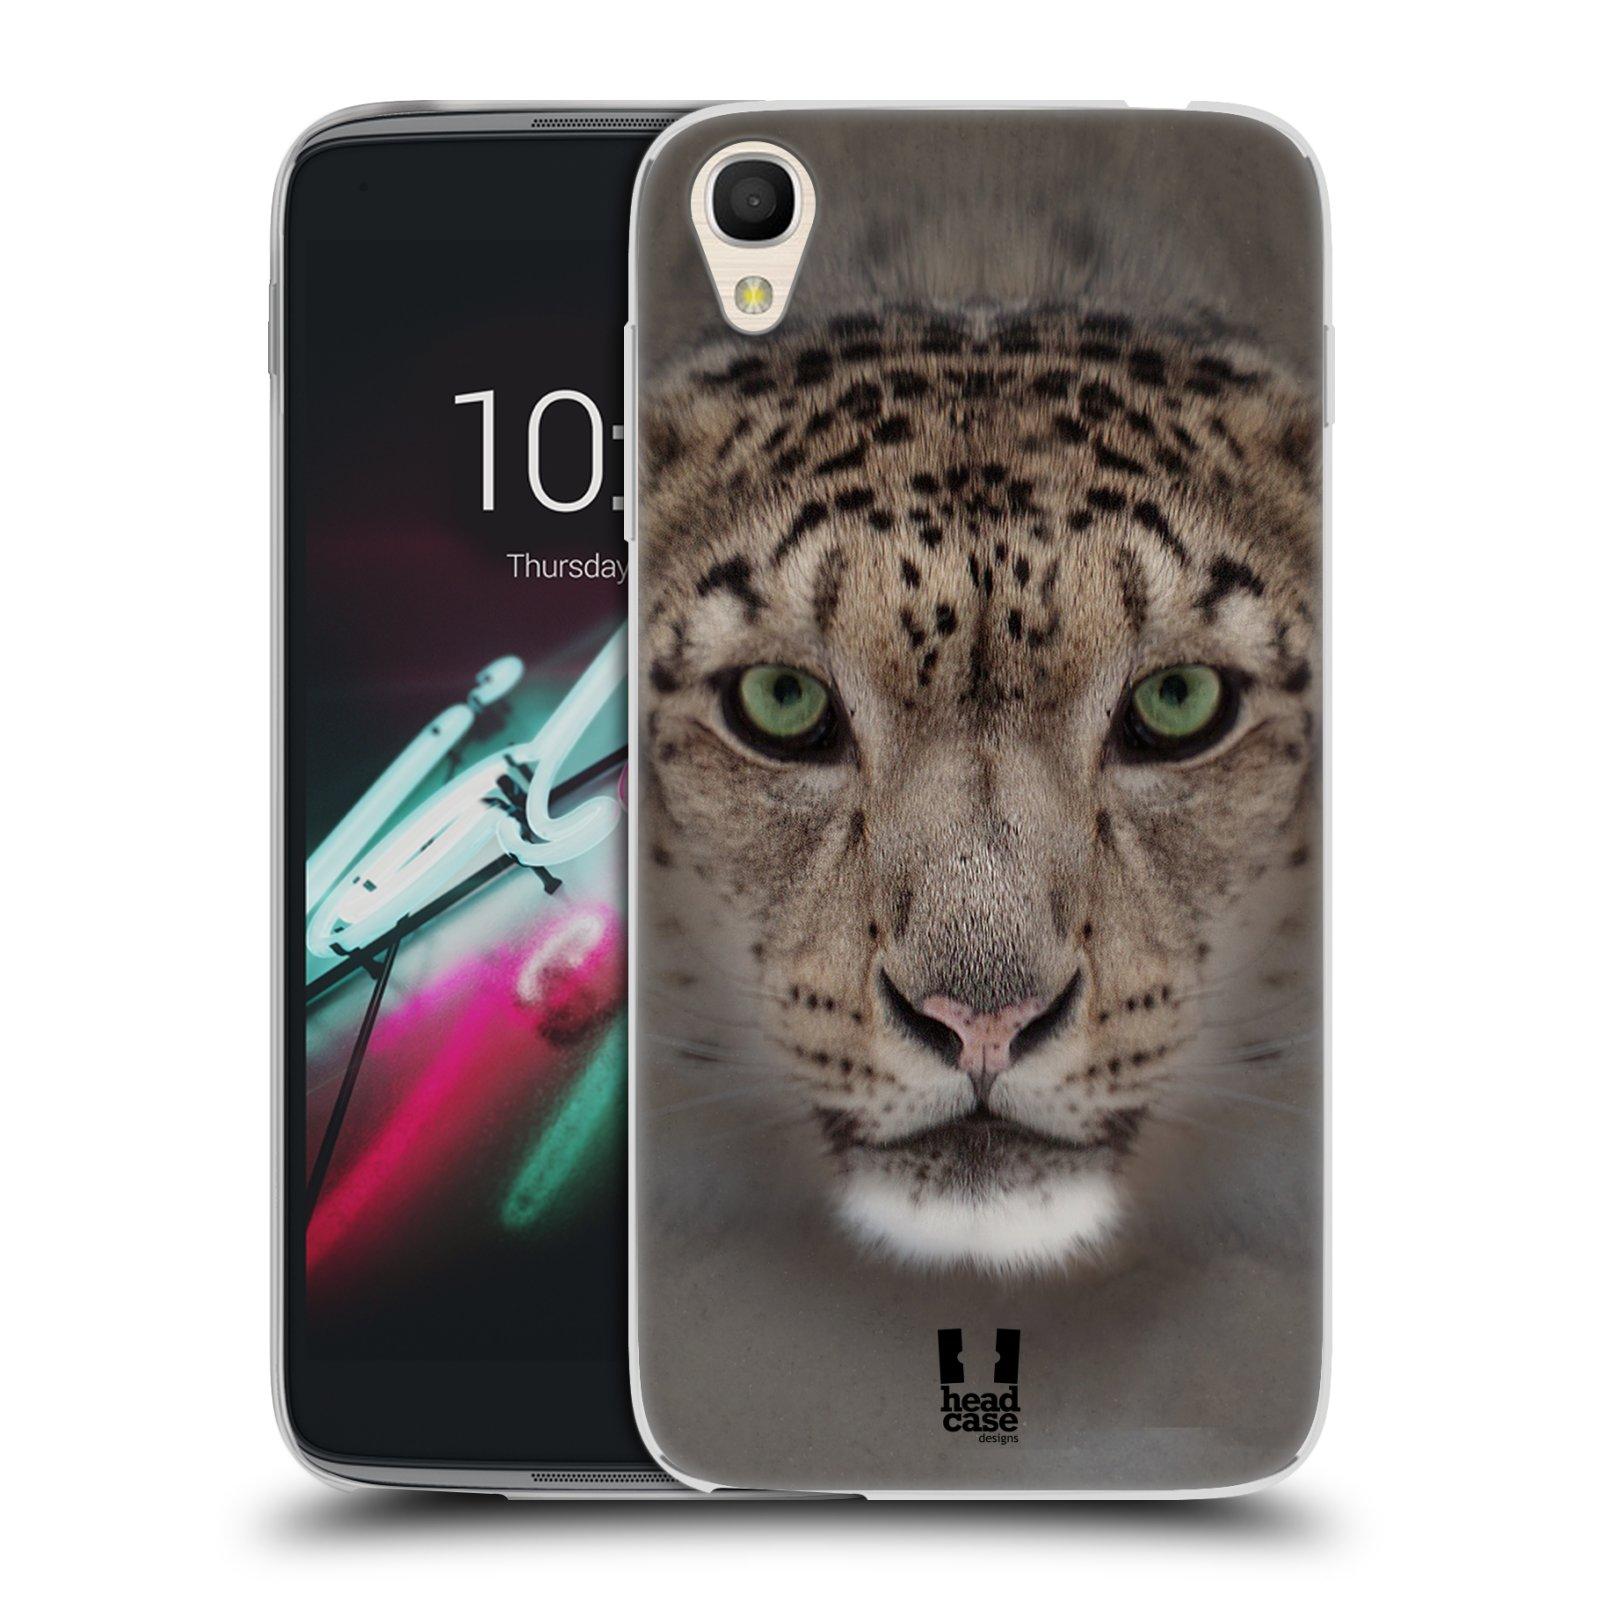 HEAD CASE silikonový obal na mobil Alcatel Idol 3 OT-6039Y (4.7) vzor Zvířecí tváře 2 sněžný leopard